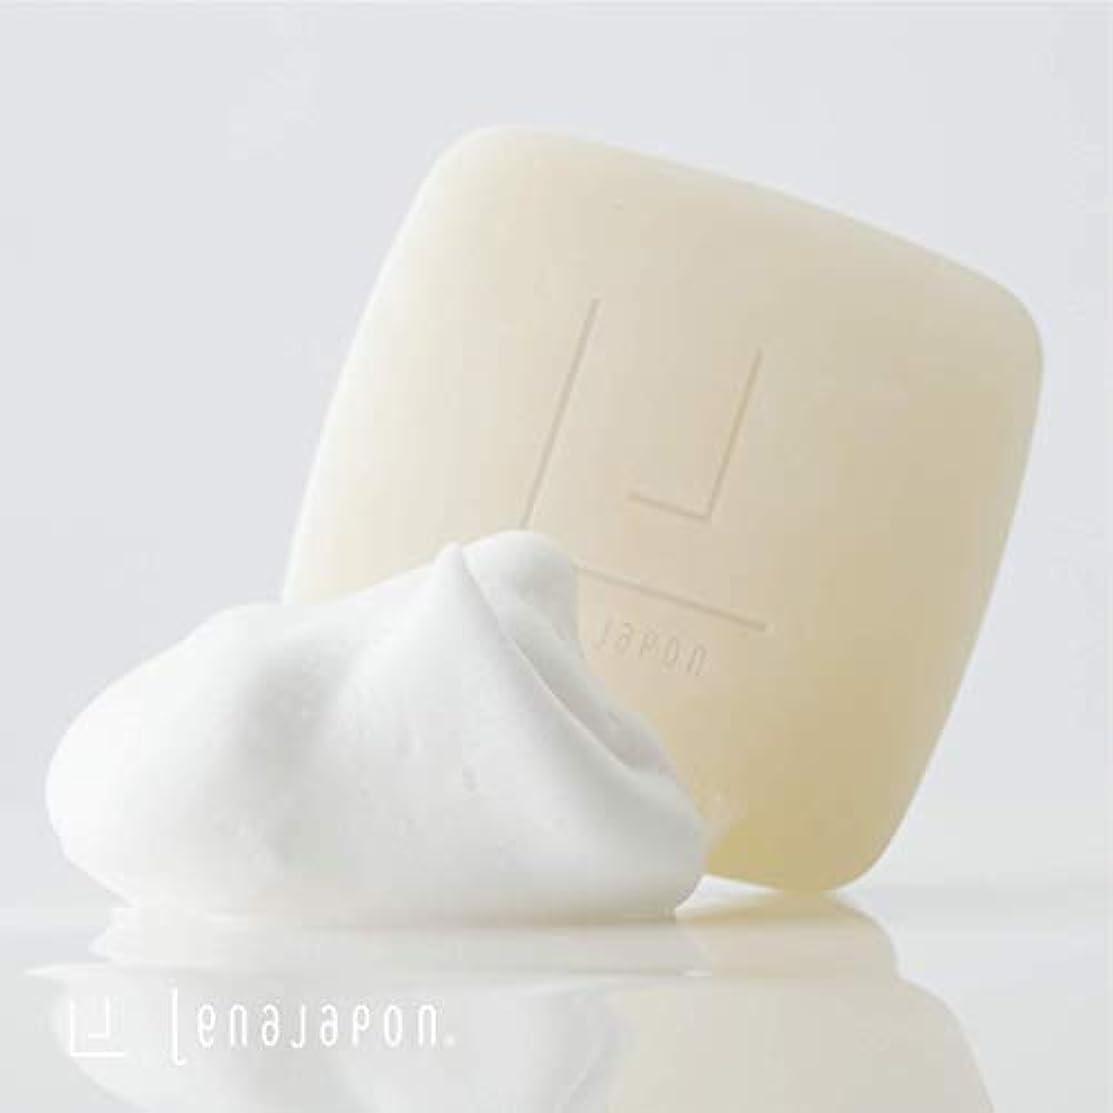 コーヒー死すべき素朴なレナジャポン〈洗顔石鹸〉LJ モイストバー / LENAJAPON 〈rich foaming face soap〉 LJ MOIST BAR